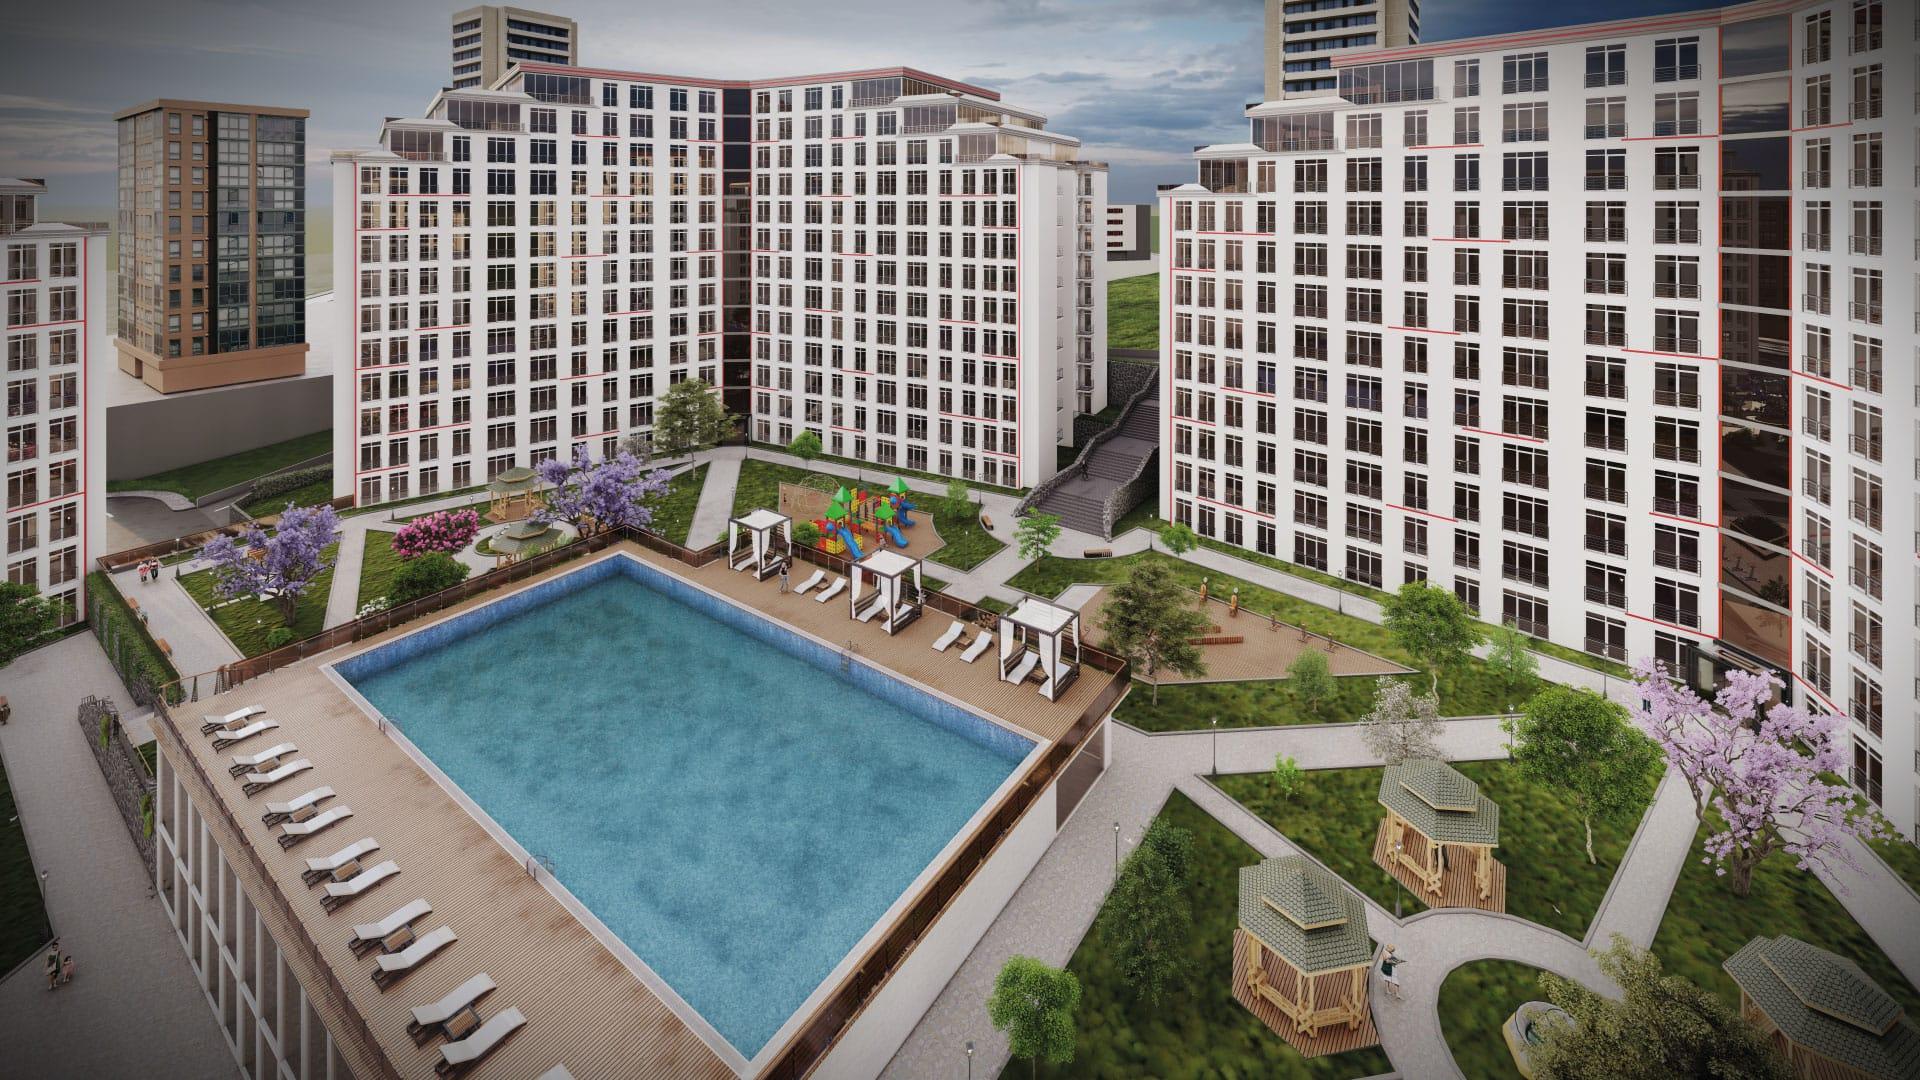 مشروع بمساحة معيشية وتجارية فريدة من نوعها عند تقاطع بهشة شهير وبيليك دوزو في المنطقة النامية والأكثر استثمارآ في اسطنبول     (   كود المشروع      IC 42  )